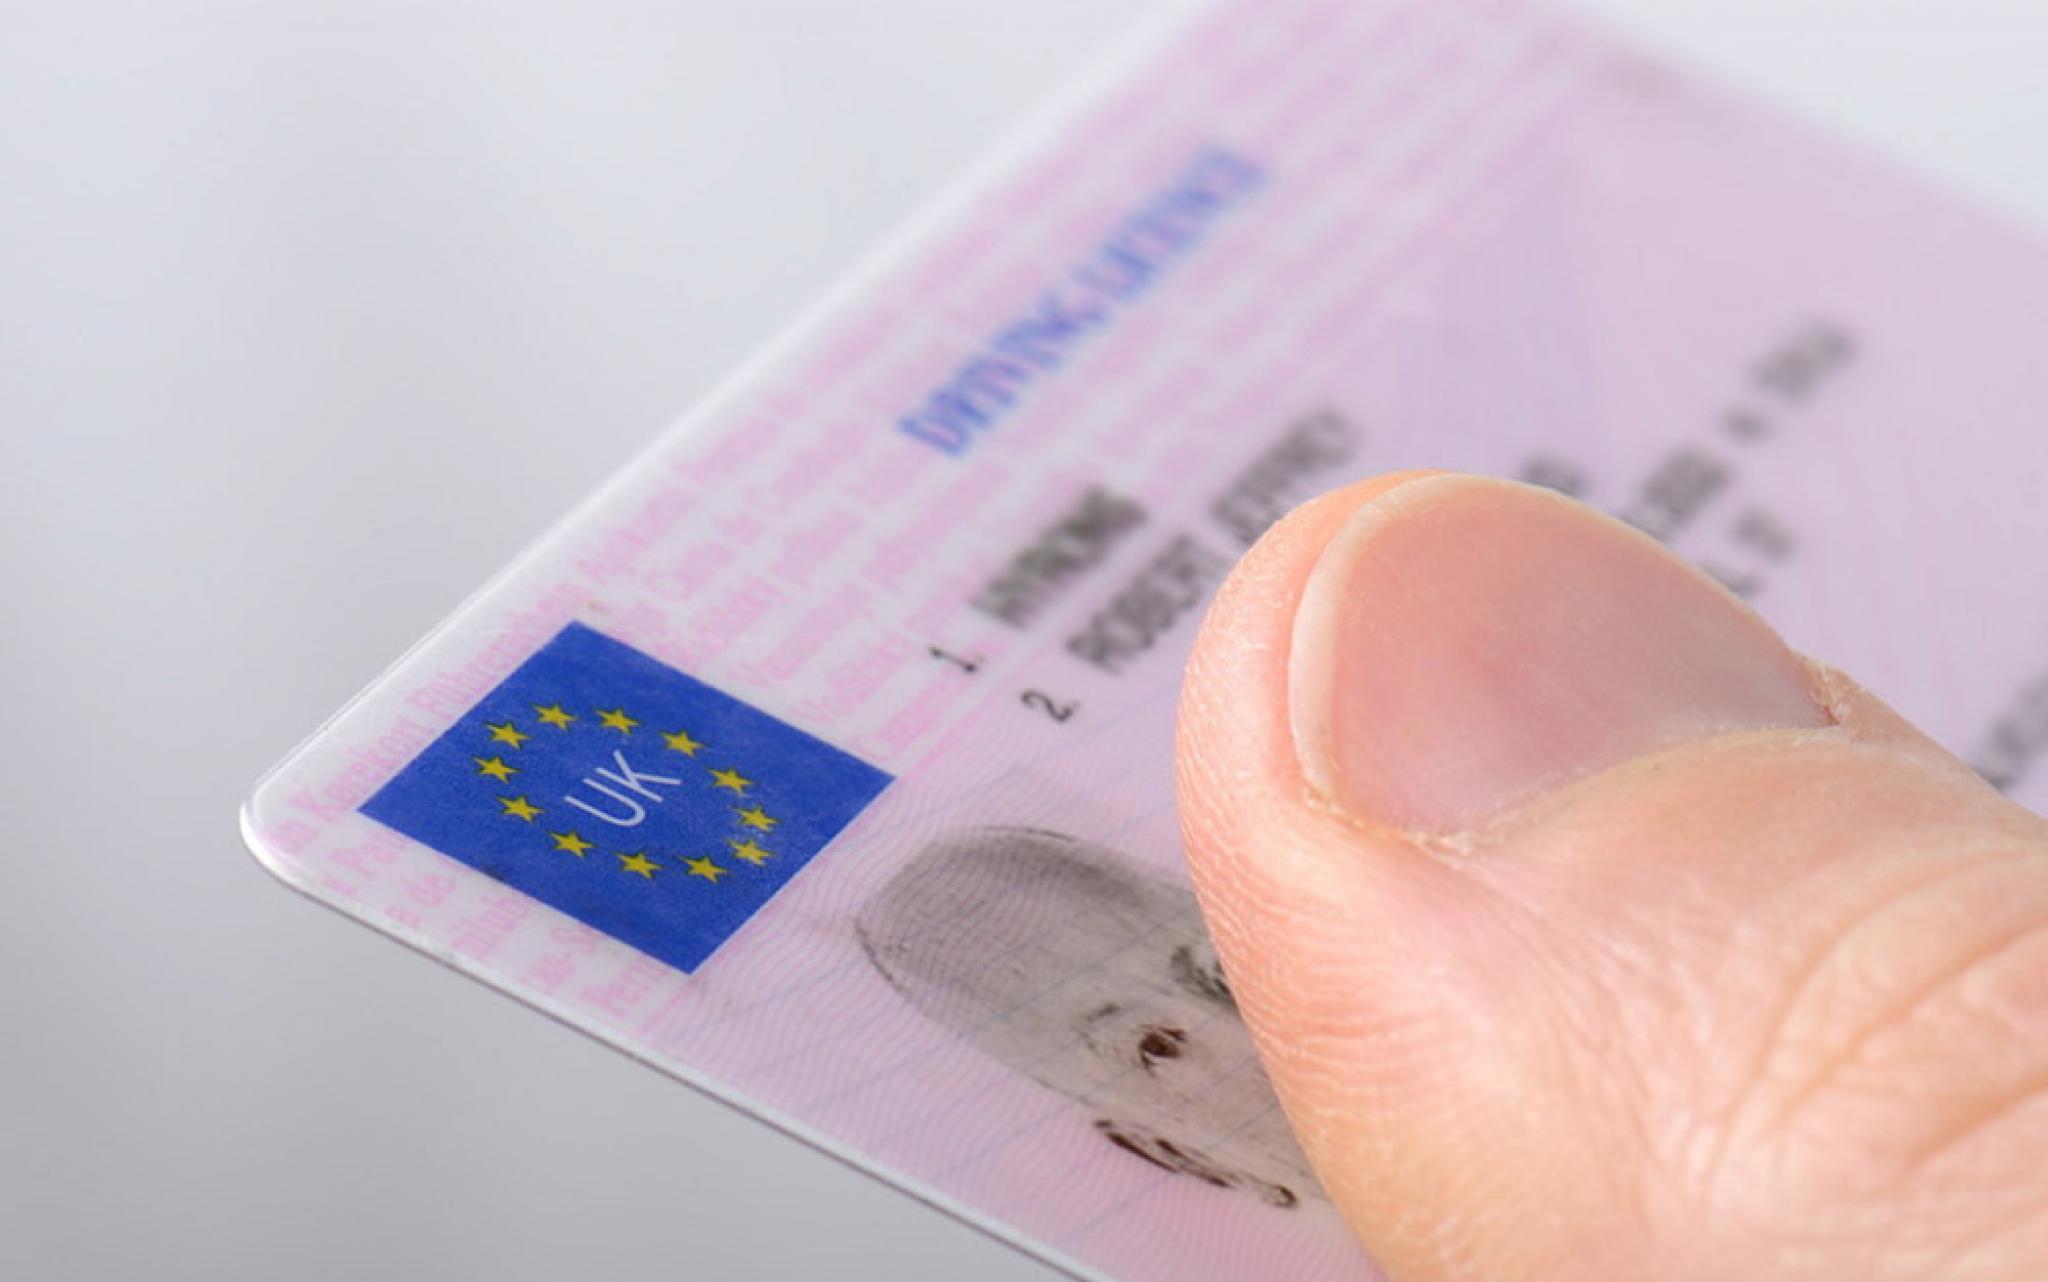 La volan cu un permis emis in Marea Britanie fara drept de circulatie pe drumurile publice